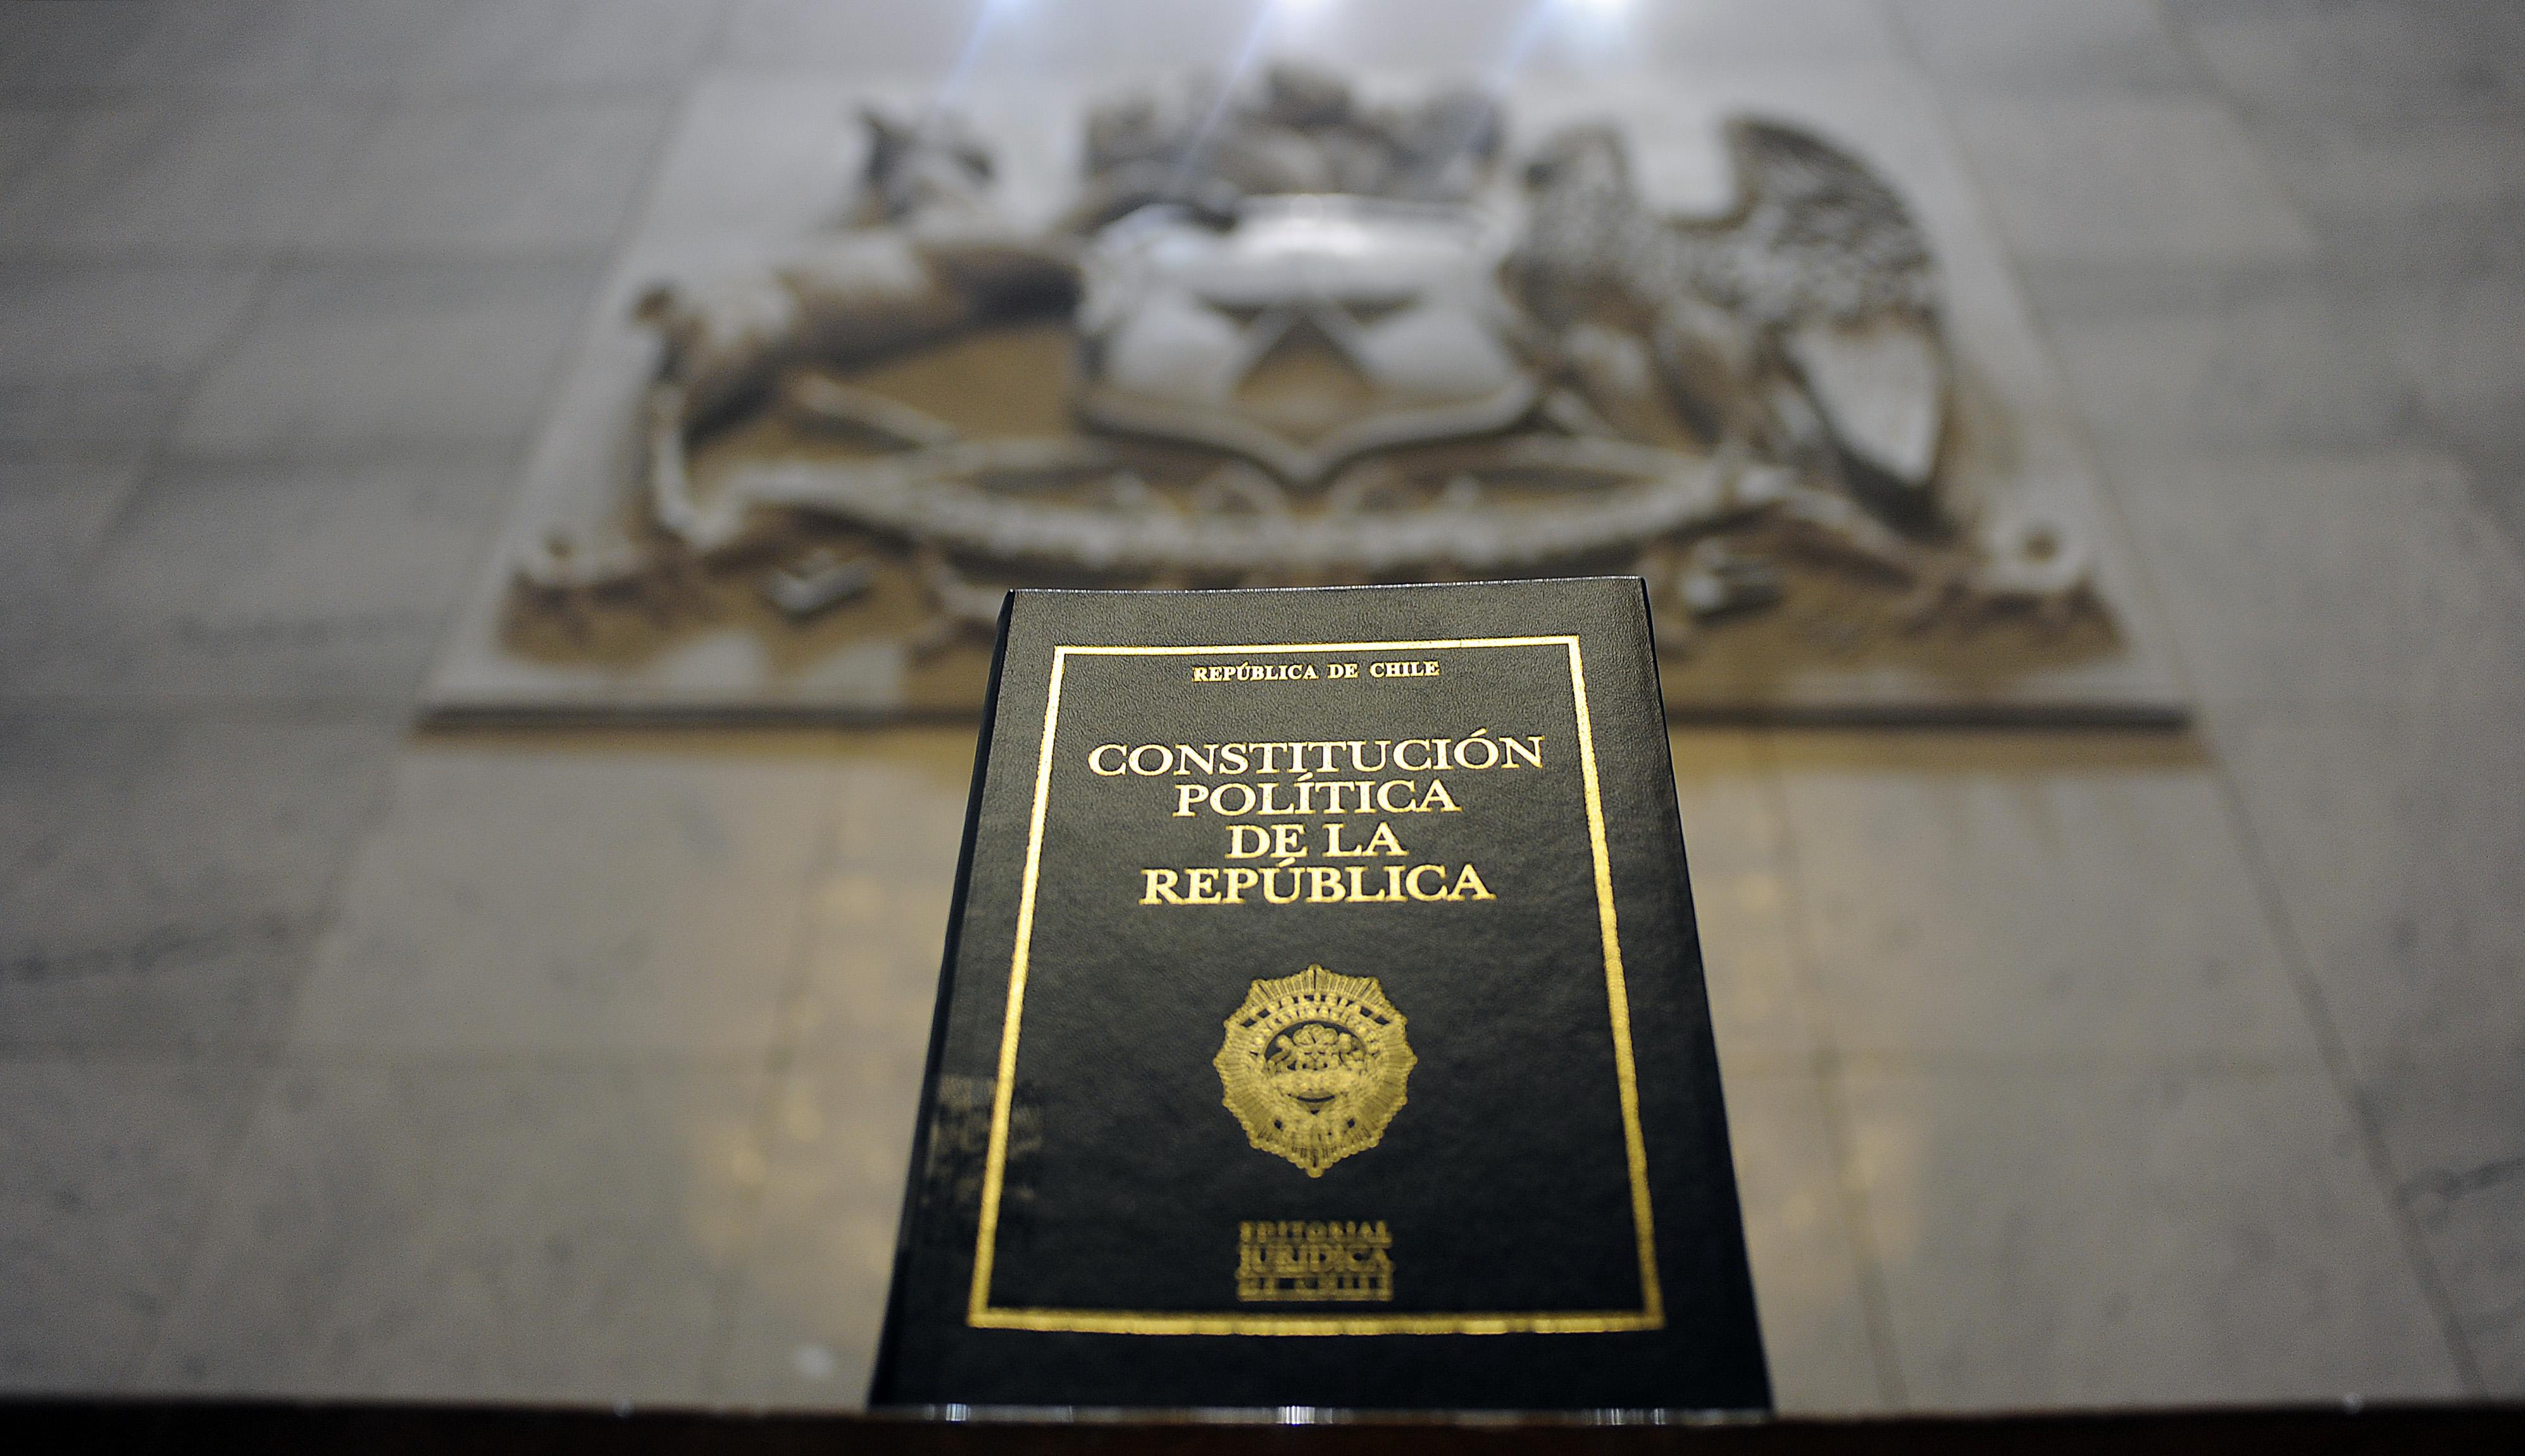 16 OCTUBRE   de 2015 /VALPARAISO Fotografía de la constitución de la Republica de Chile  en el salón plenario del Congreso Nacional. Después que la Presidenta de la Republica anuncio en su campaña el proceso para reformar la Constitución redactada por el régimen de Augusto Pinochet en 1980.  FOTO: PABLO OVALLE ISASMENDI / AGENCIAUNO